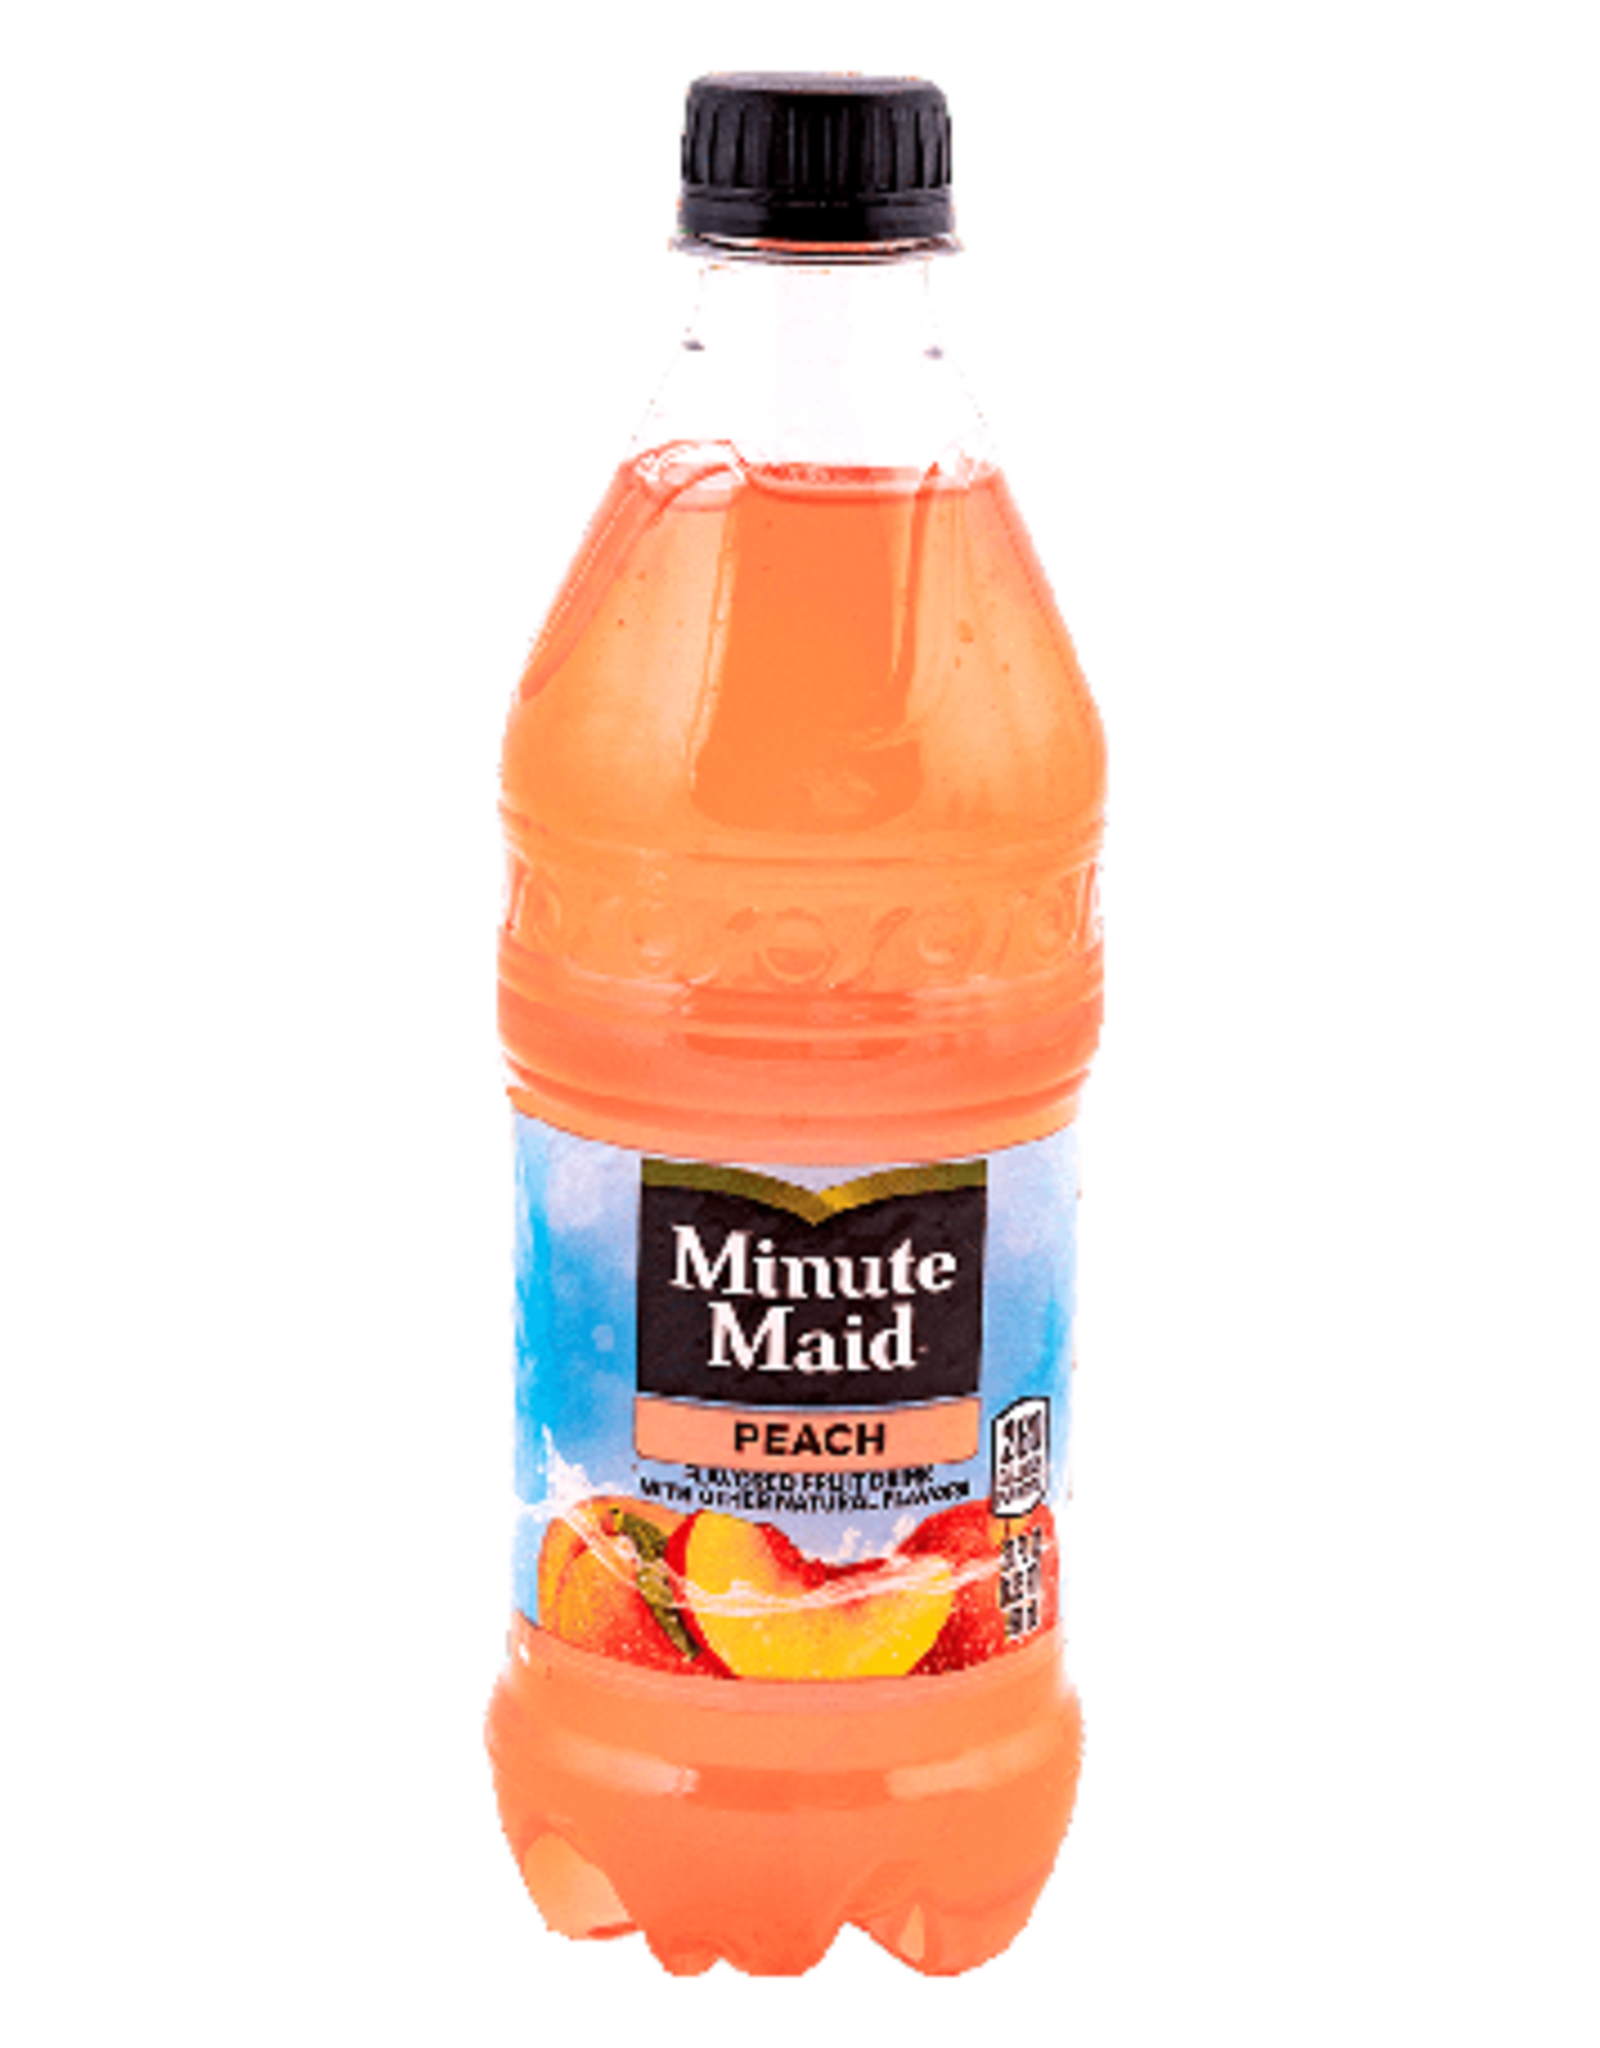 Minute Maid Peach Flavored